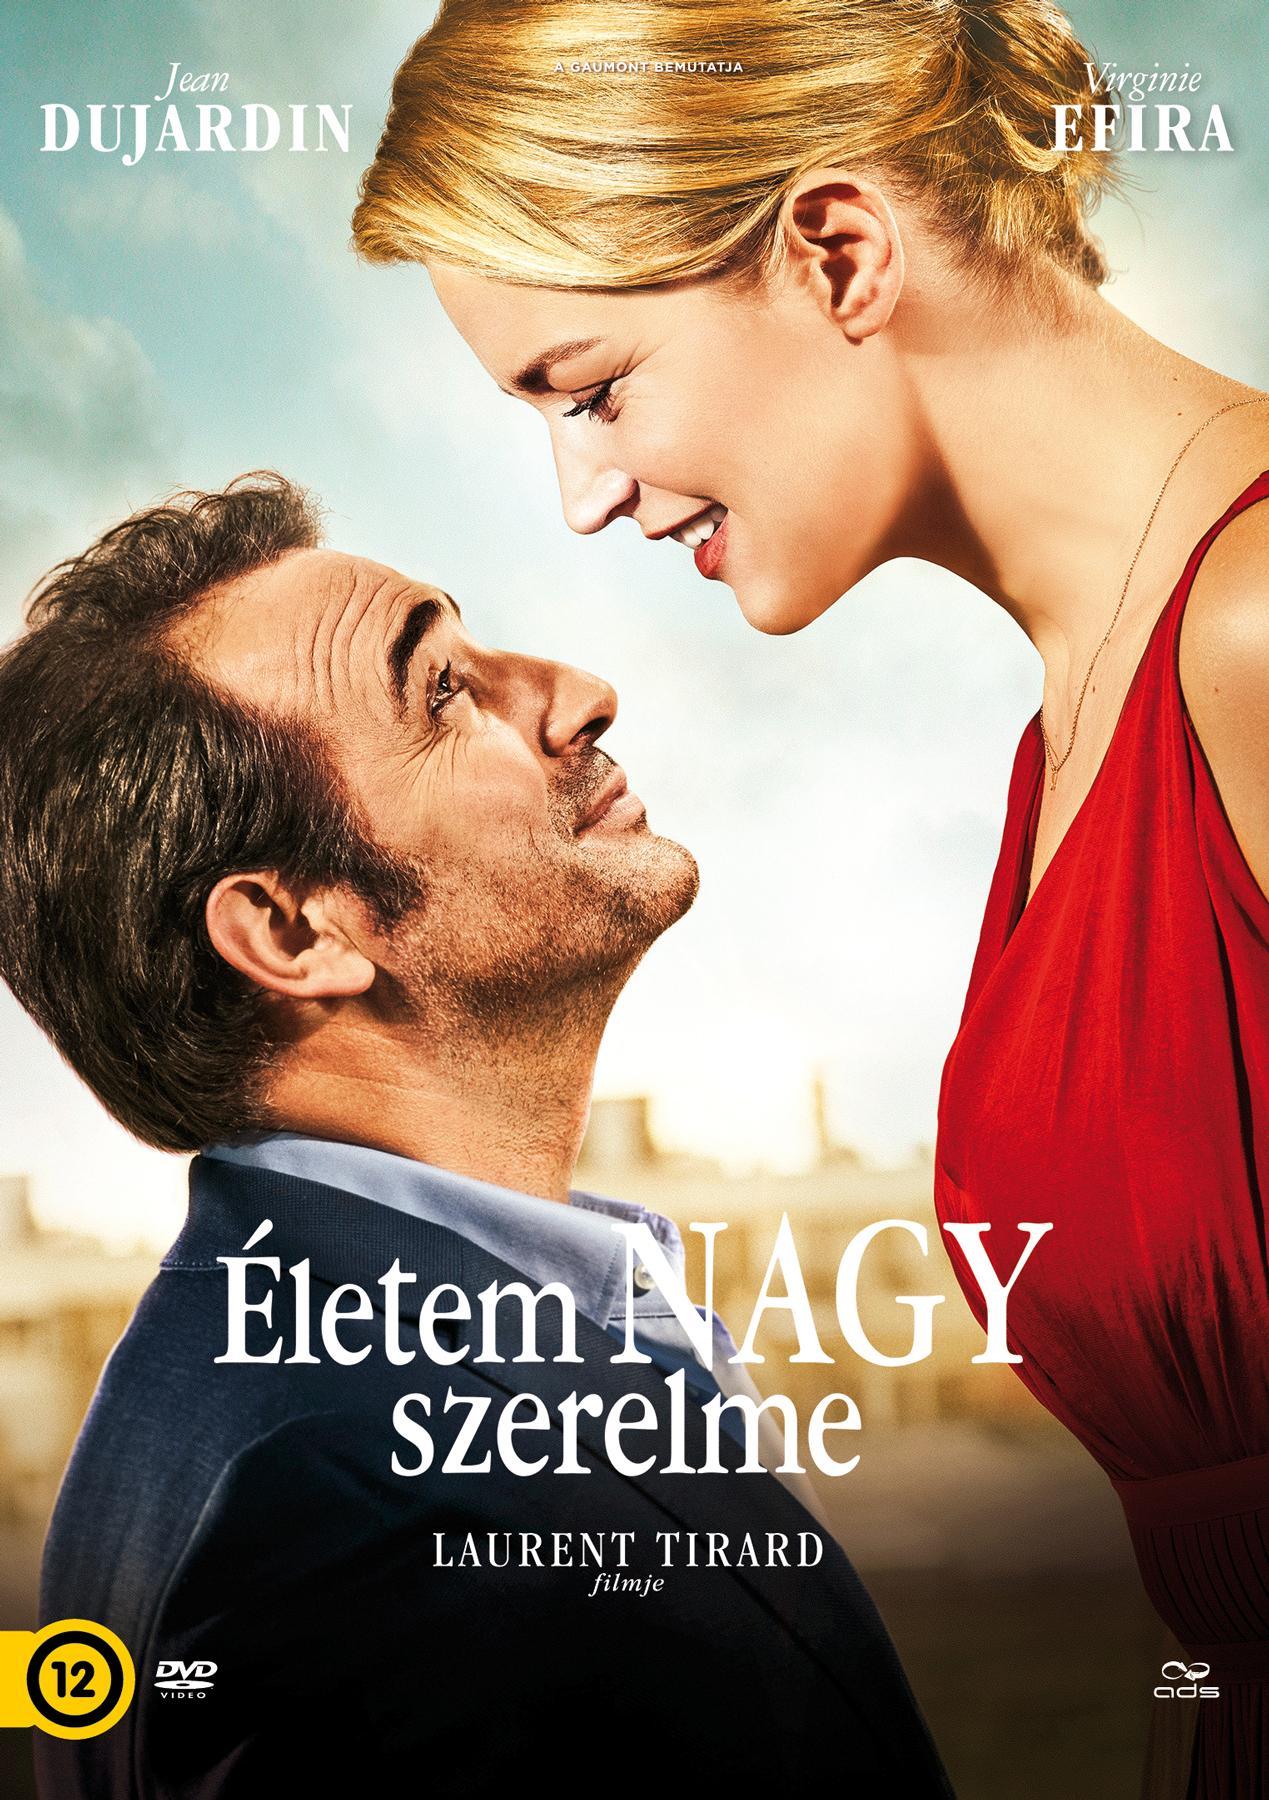 - ÉLETEM NAGY SZERELME - DVD -